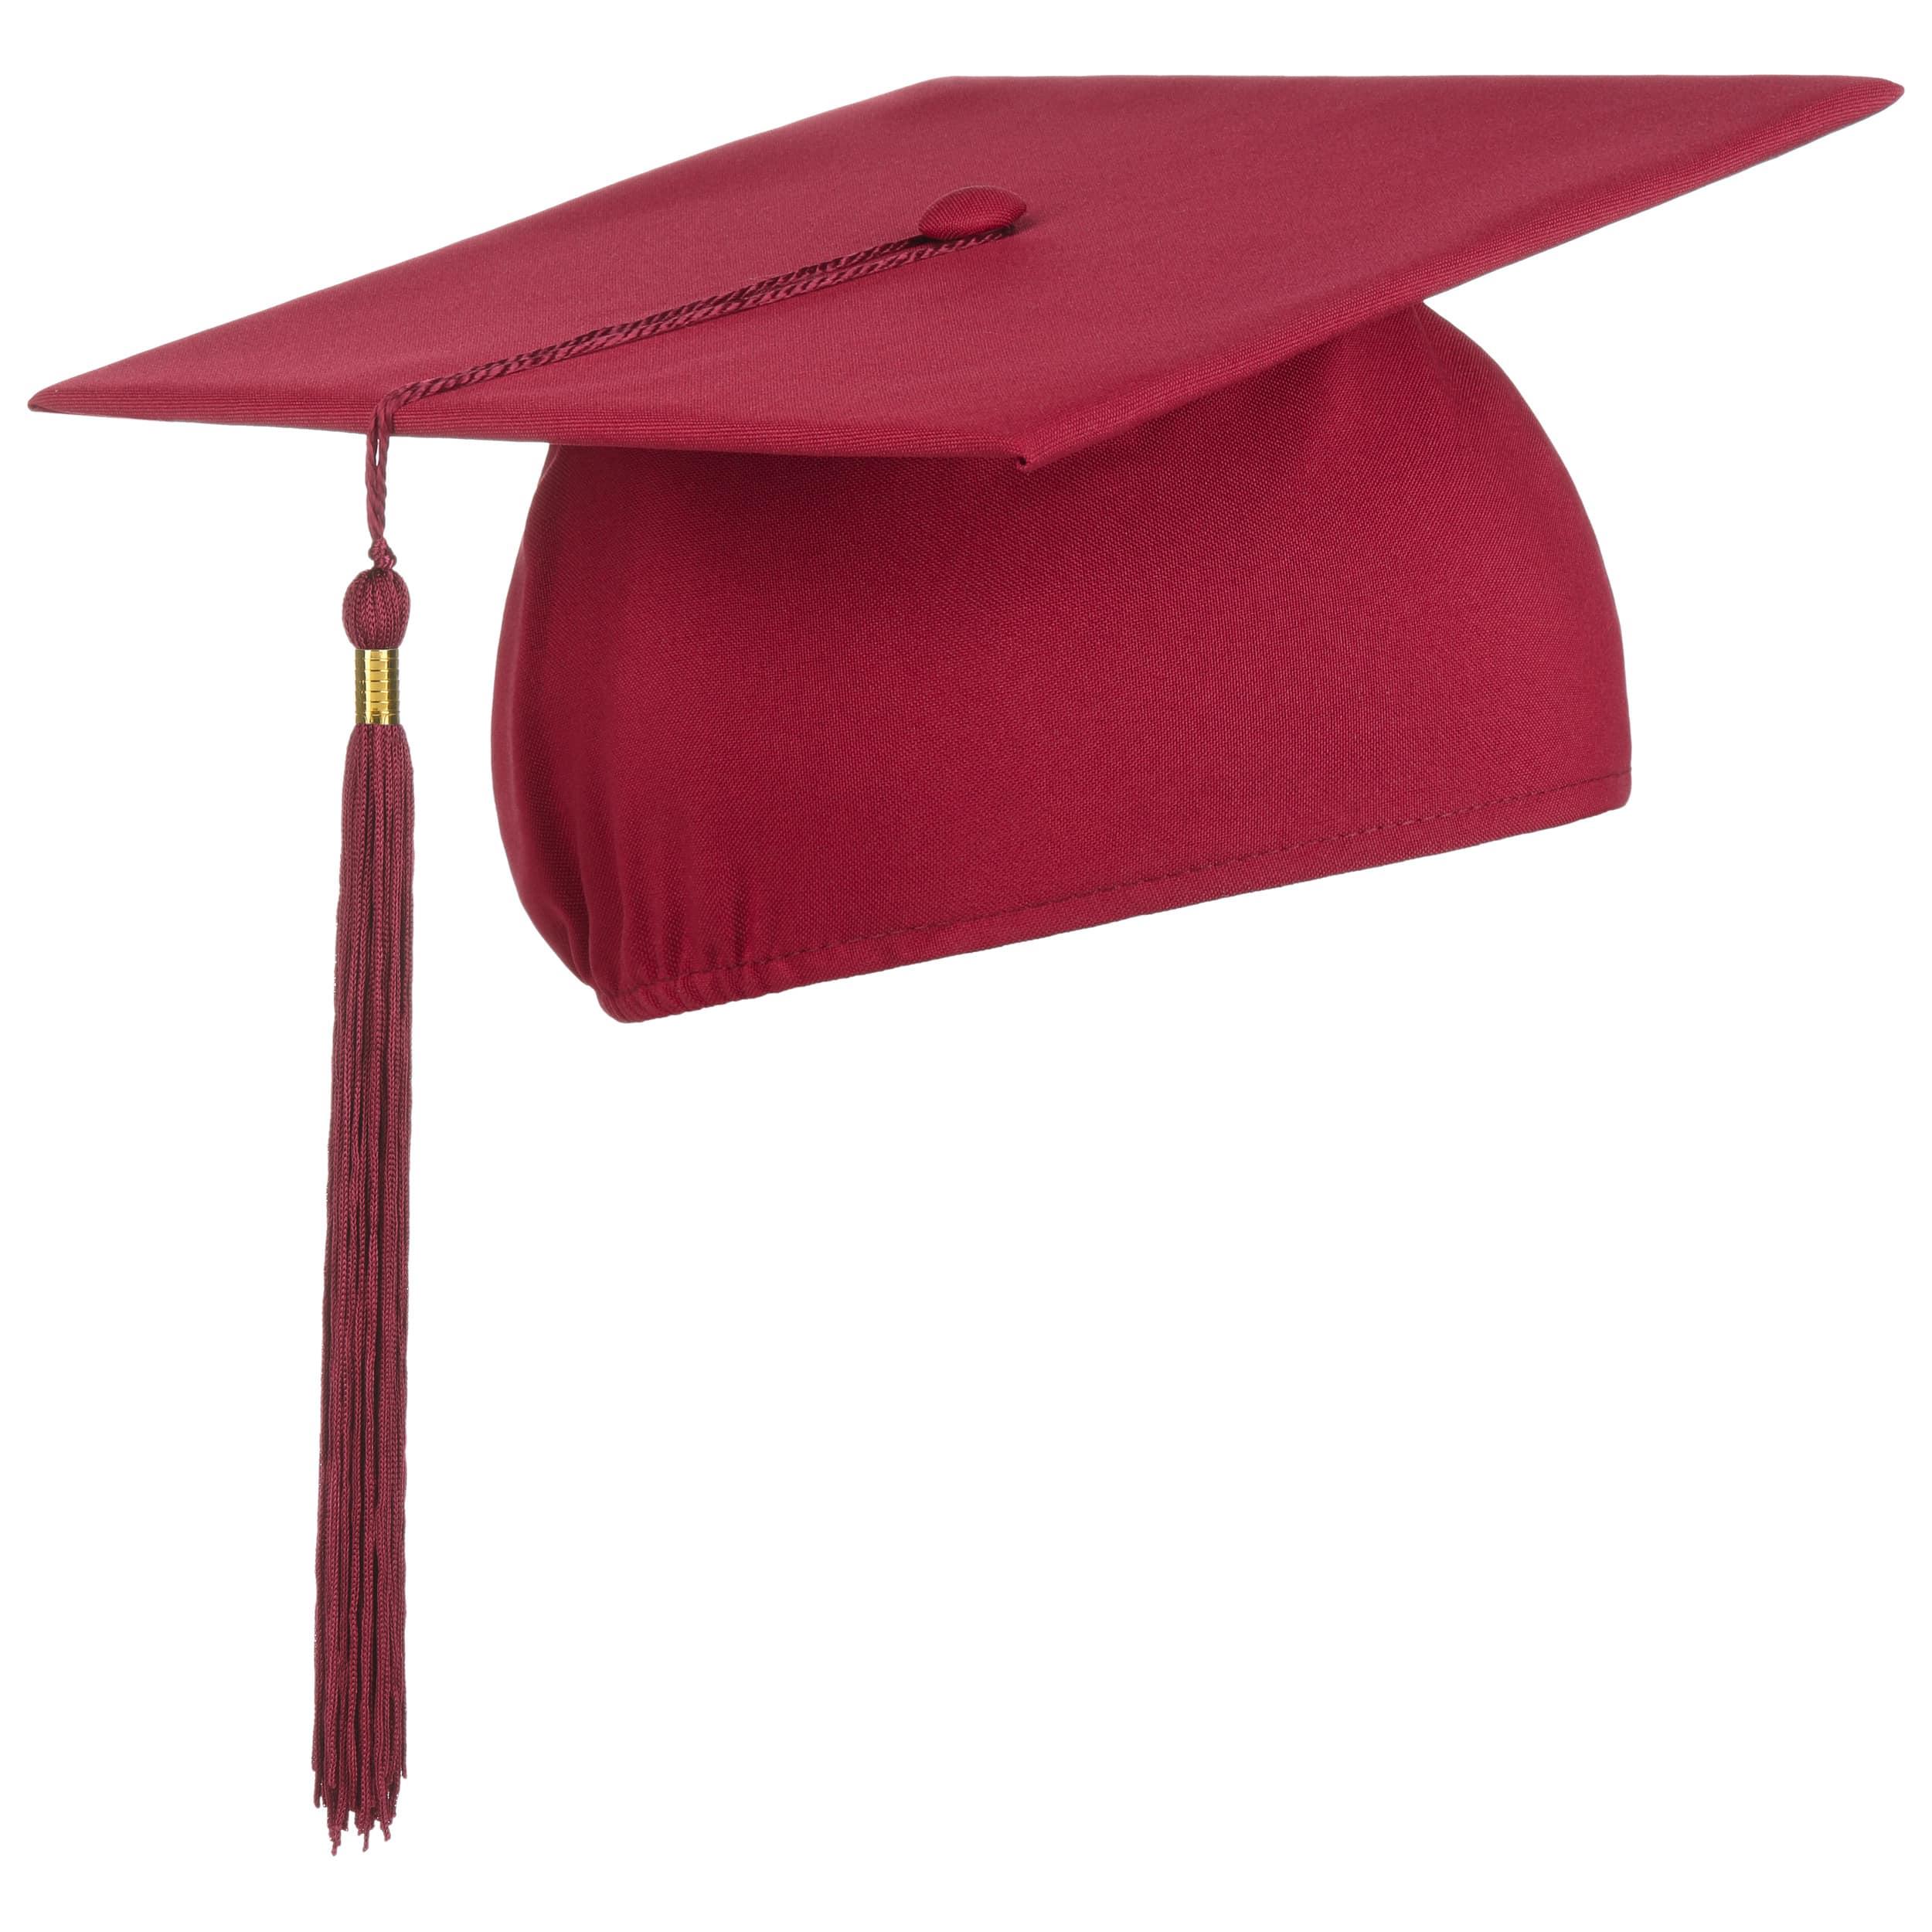 ... Cappello da Laurea Flessibile by Lierys - rosso bordeaux 4 ... 680fb61c2b48